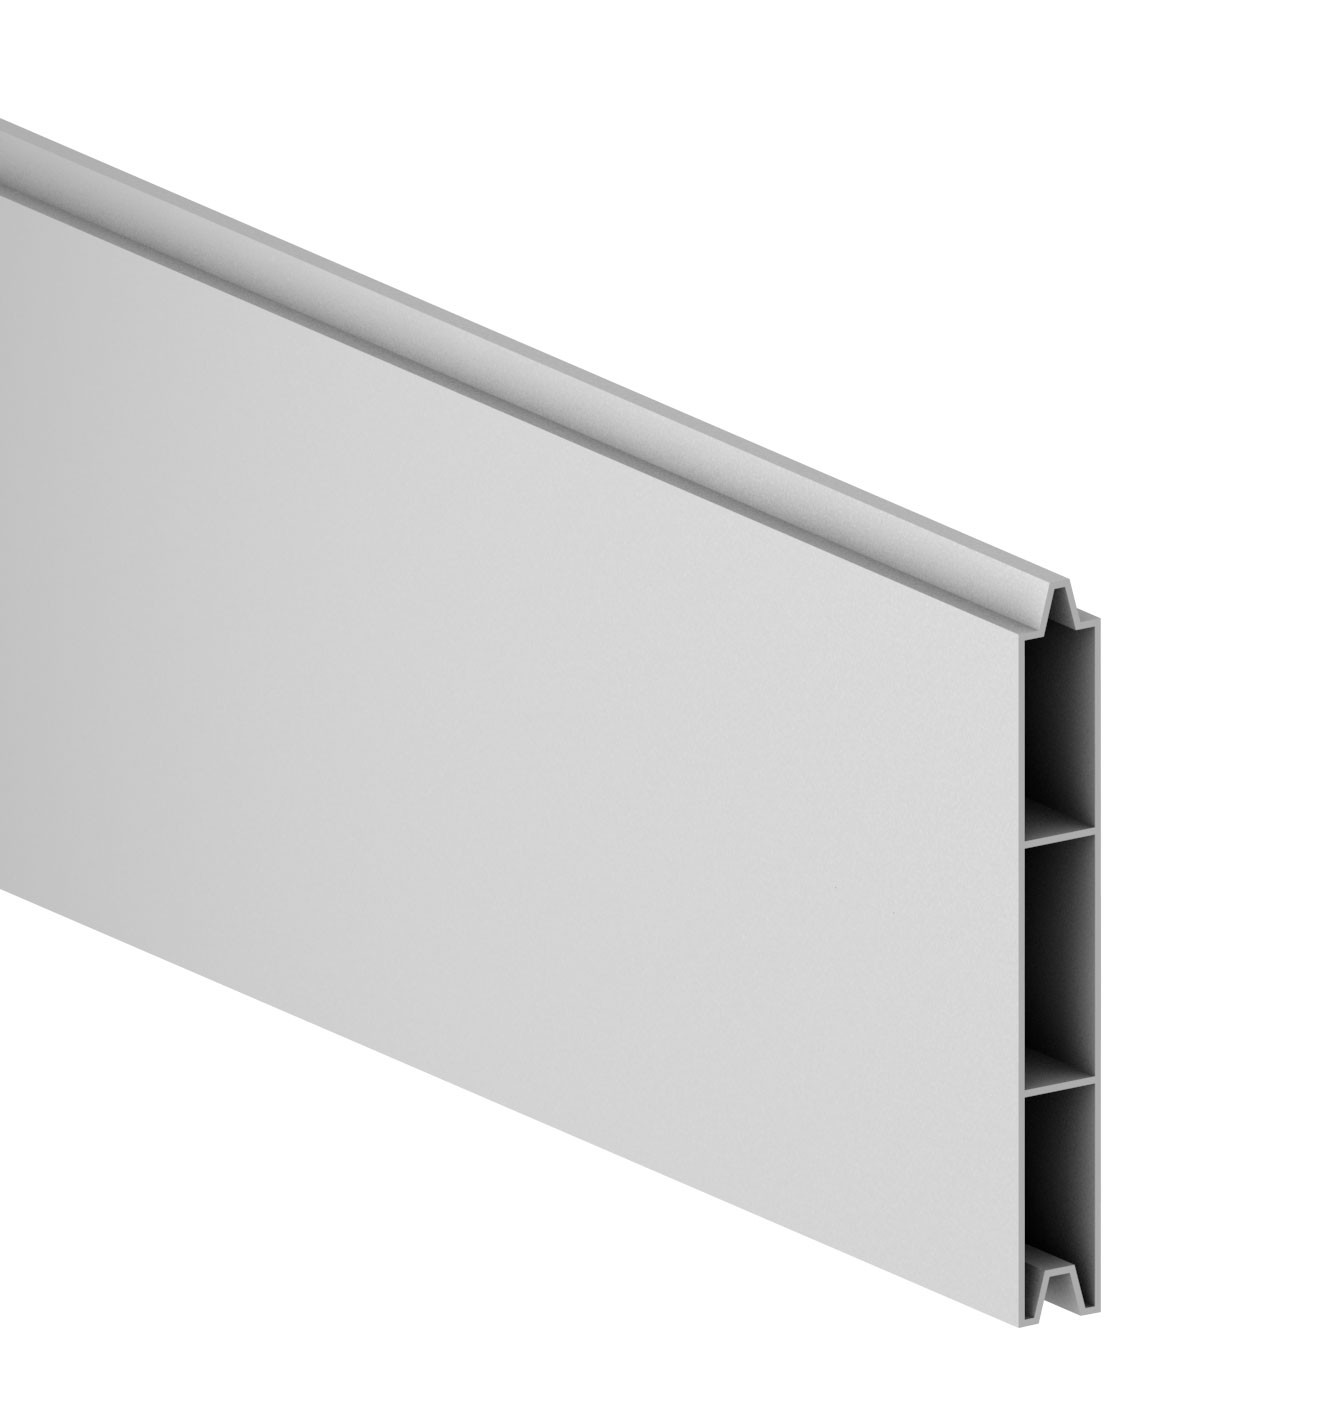 Sichtschutzzaun System Alu Classic Einzelprofil silber 238cm bei